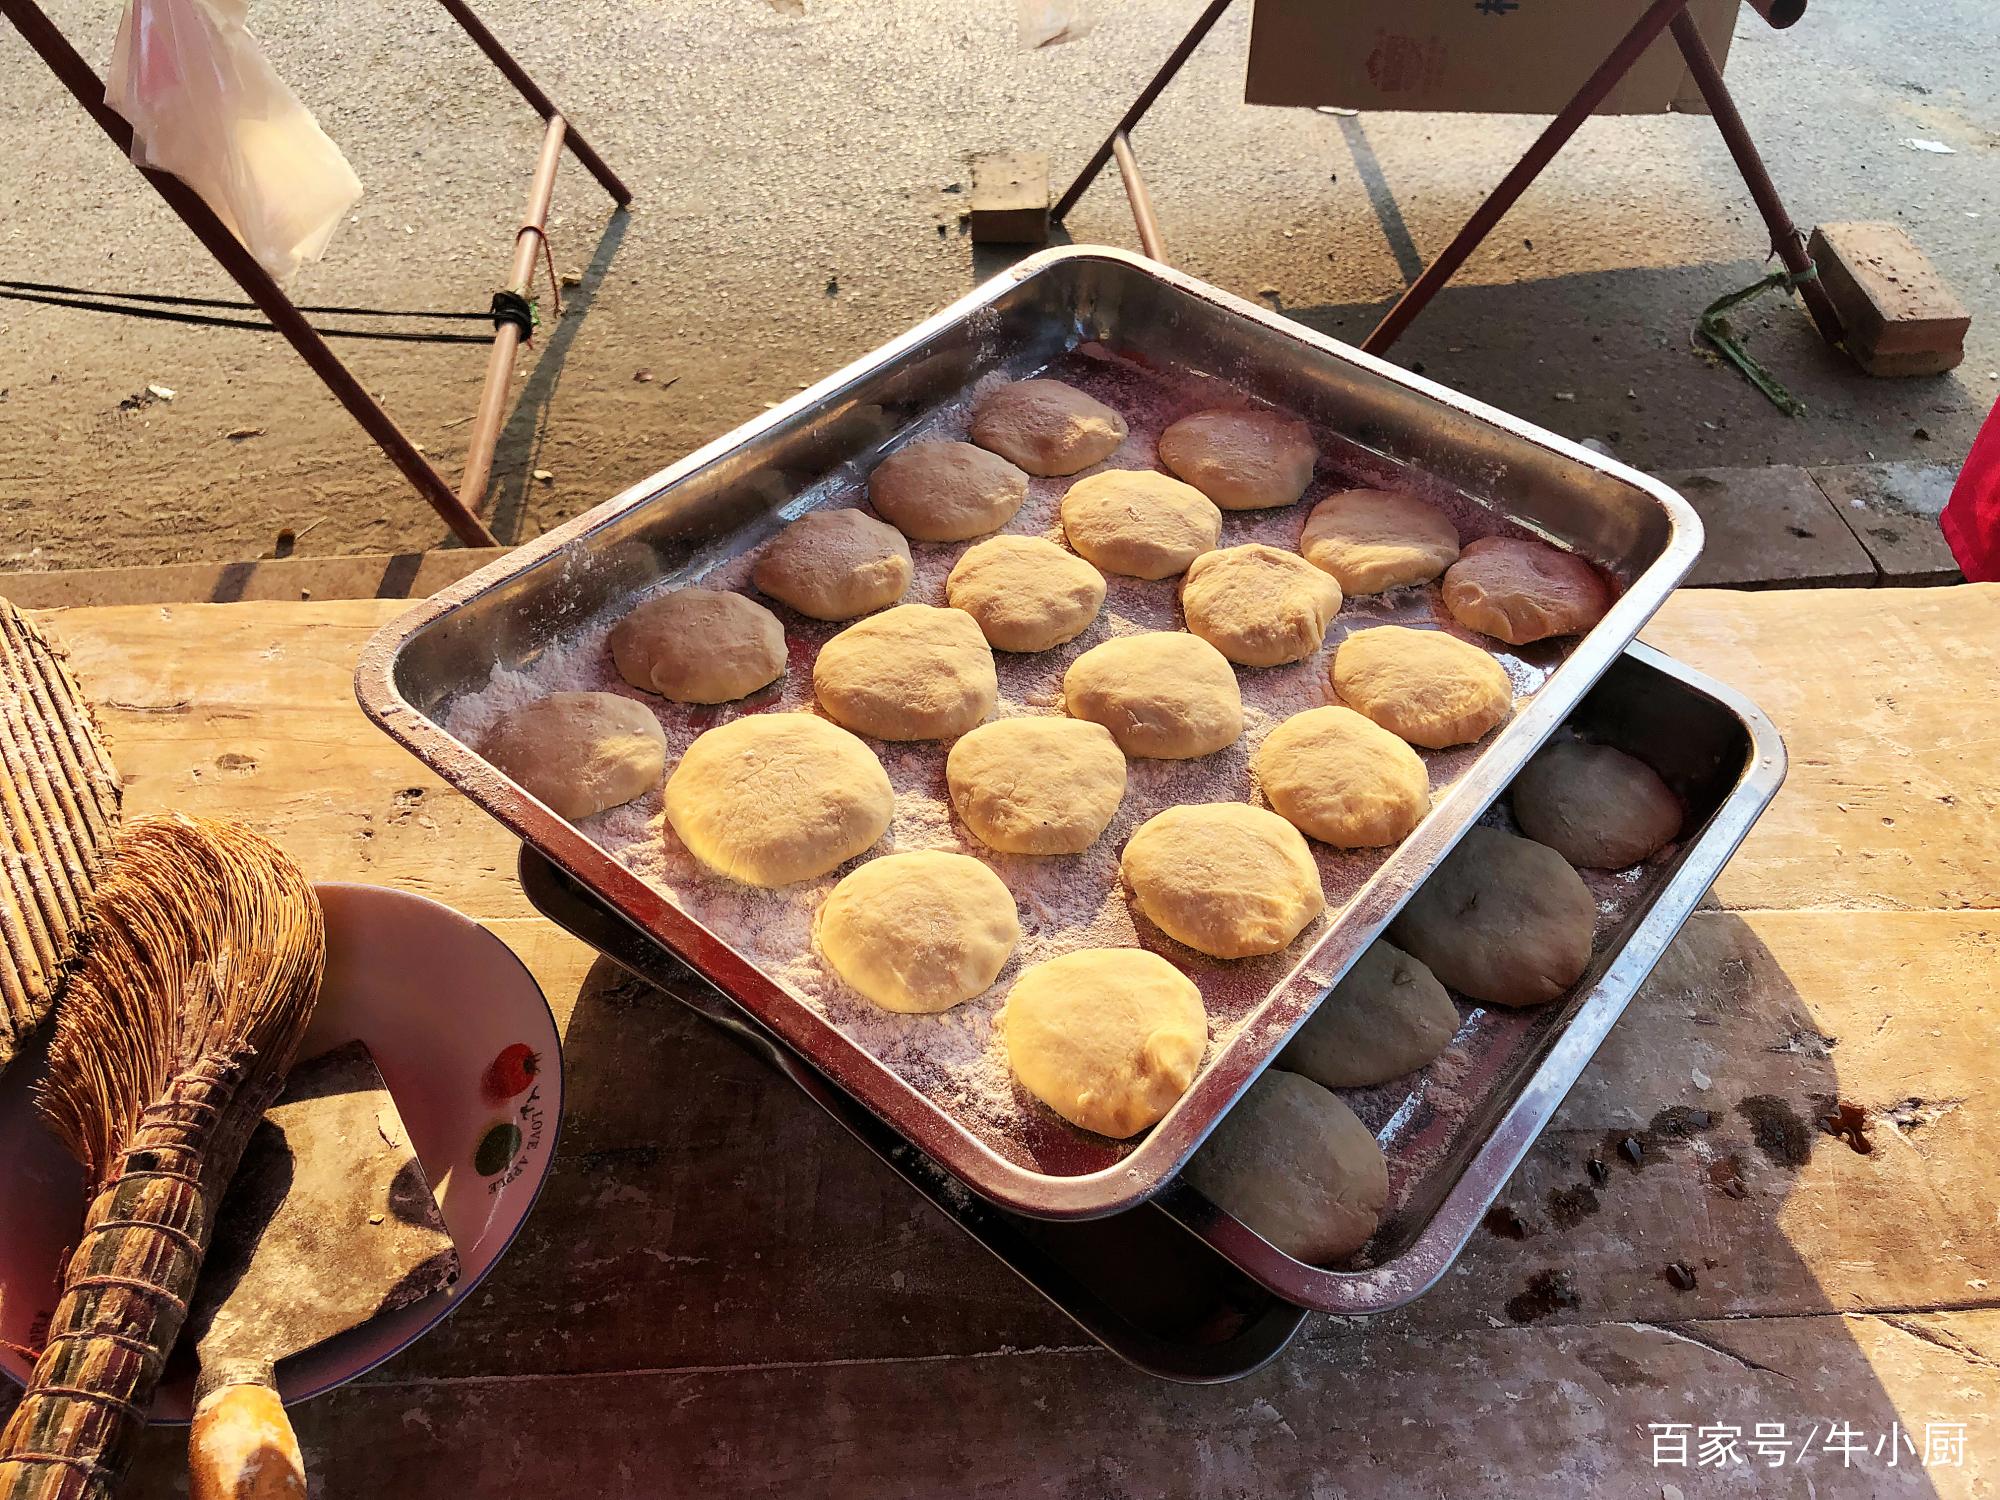 农村集市上的一种糕点,20年至今未涨价,6元一斤,咬一口满嘴香